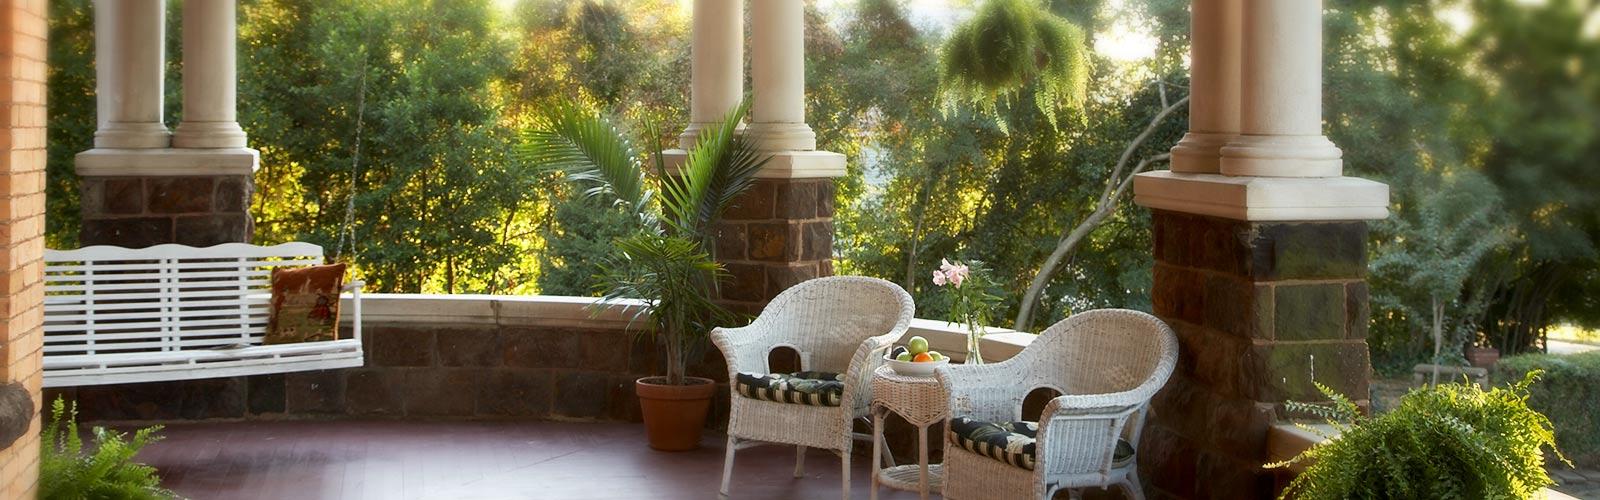 inn porch seating